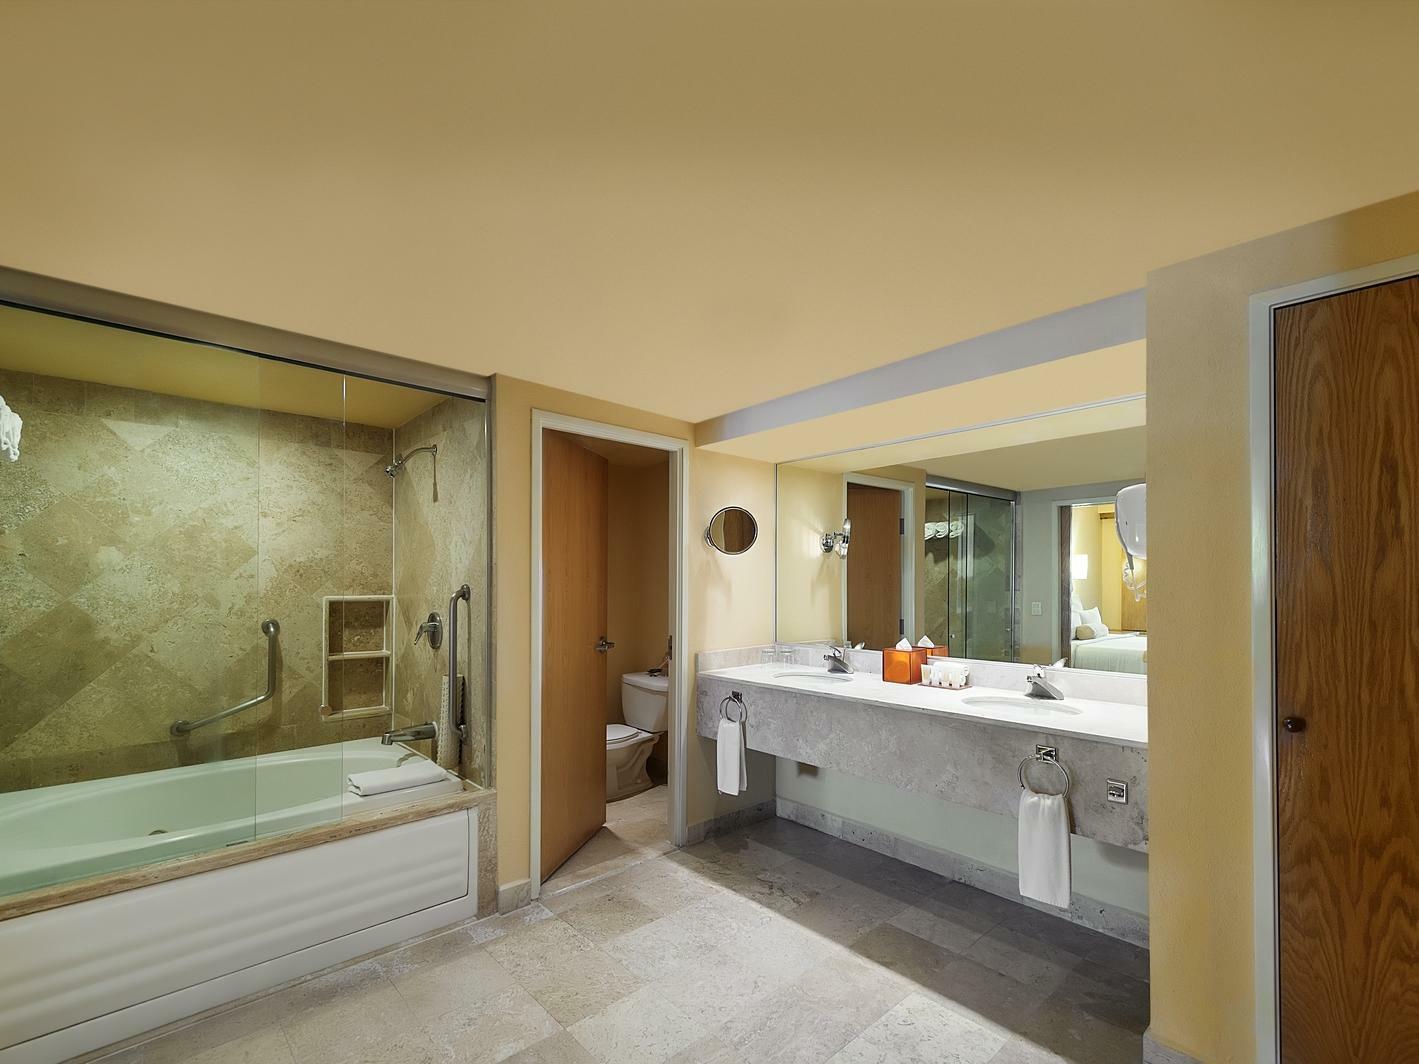 Master Suite Plus Vanity Room